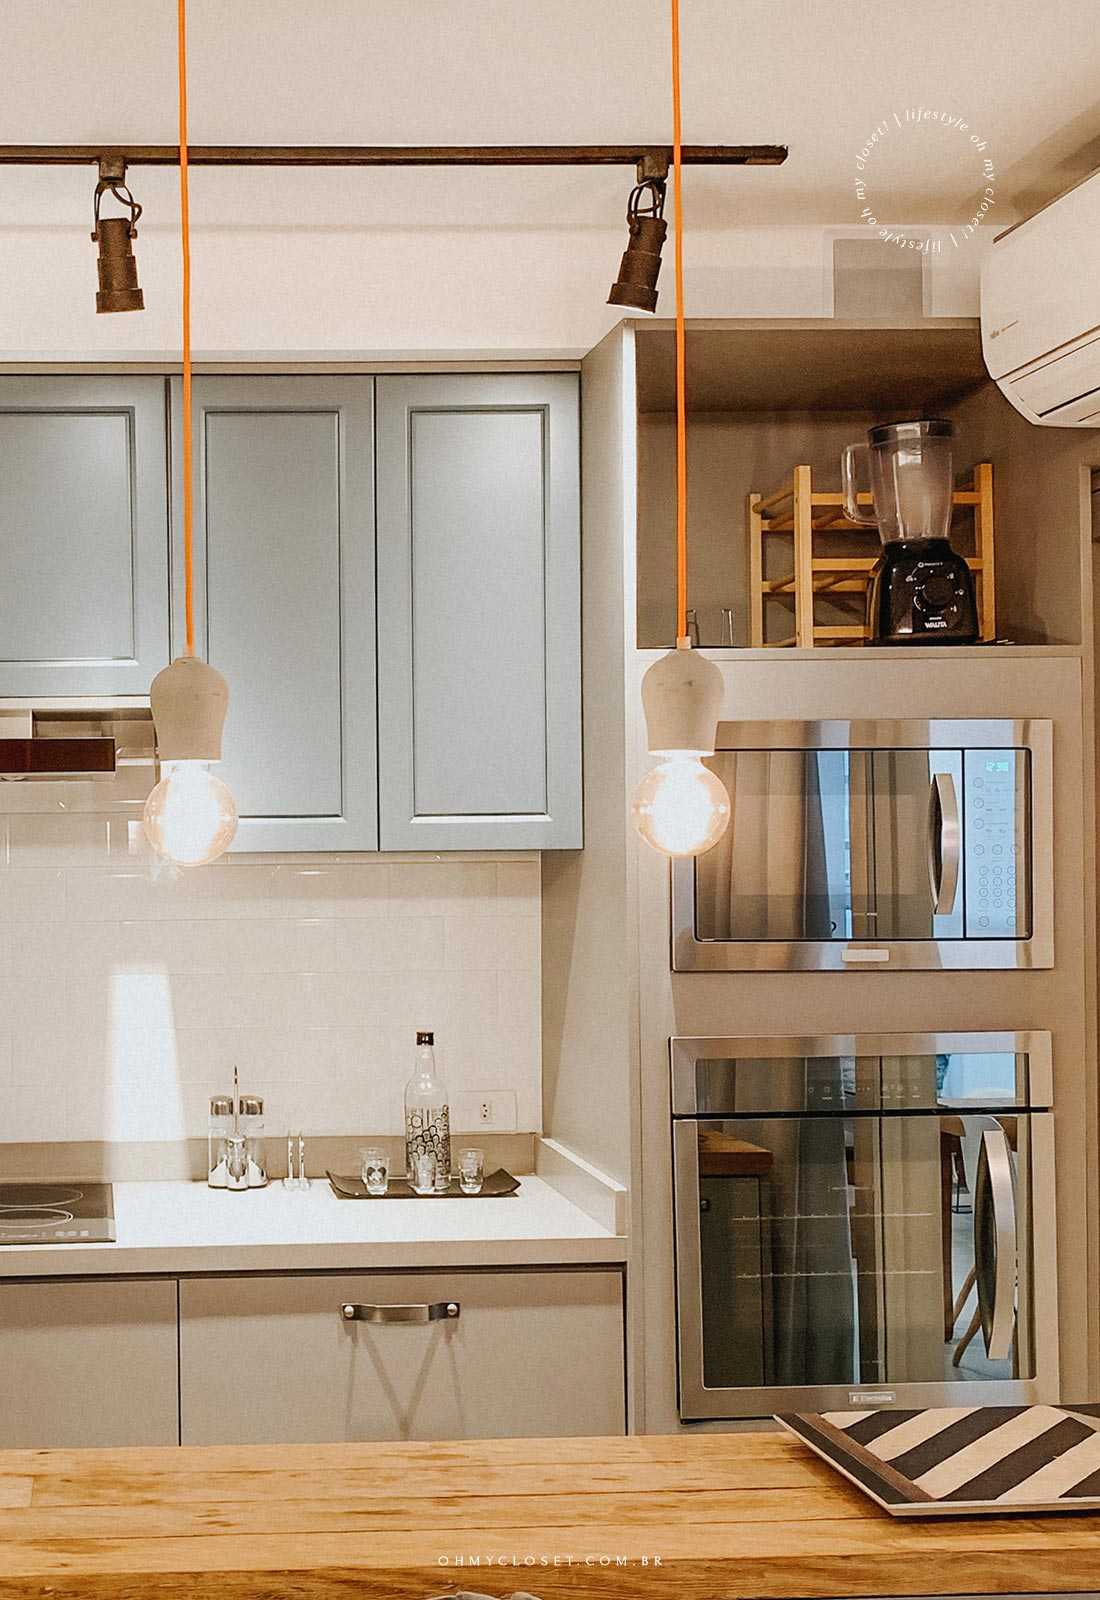 Microondas, forno e balcão apartamento AirBnB.